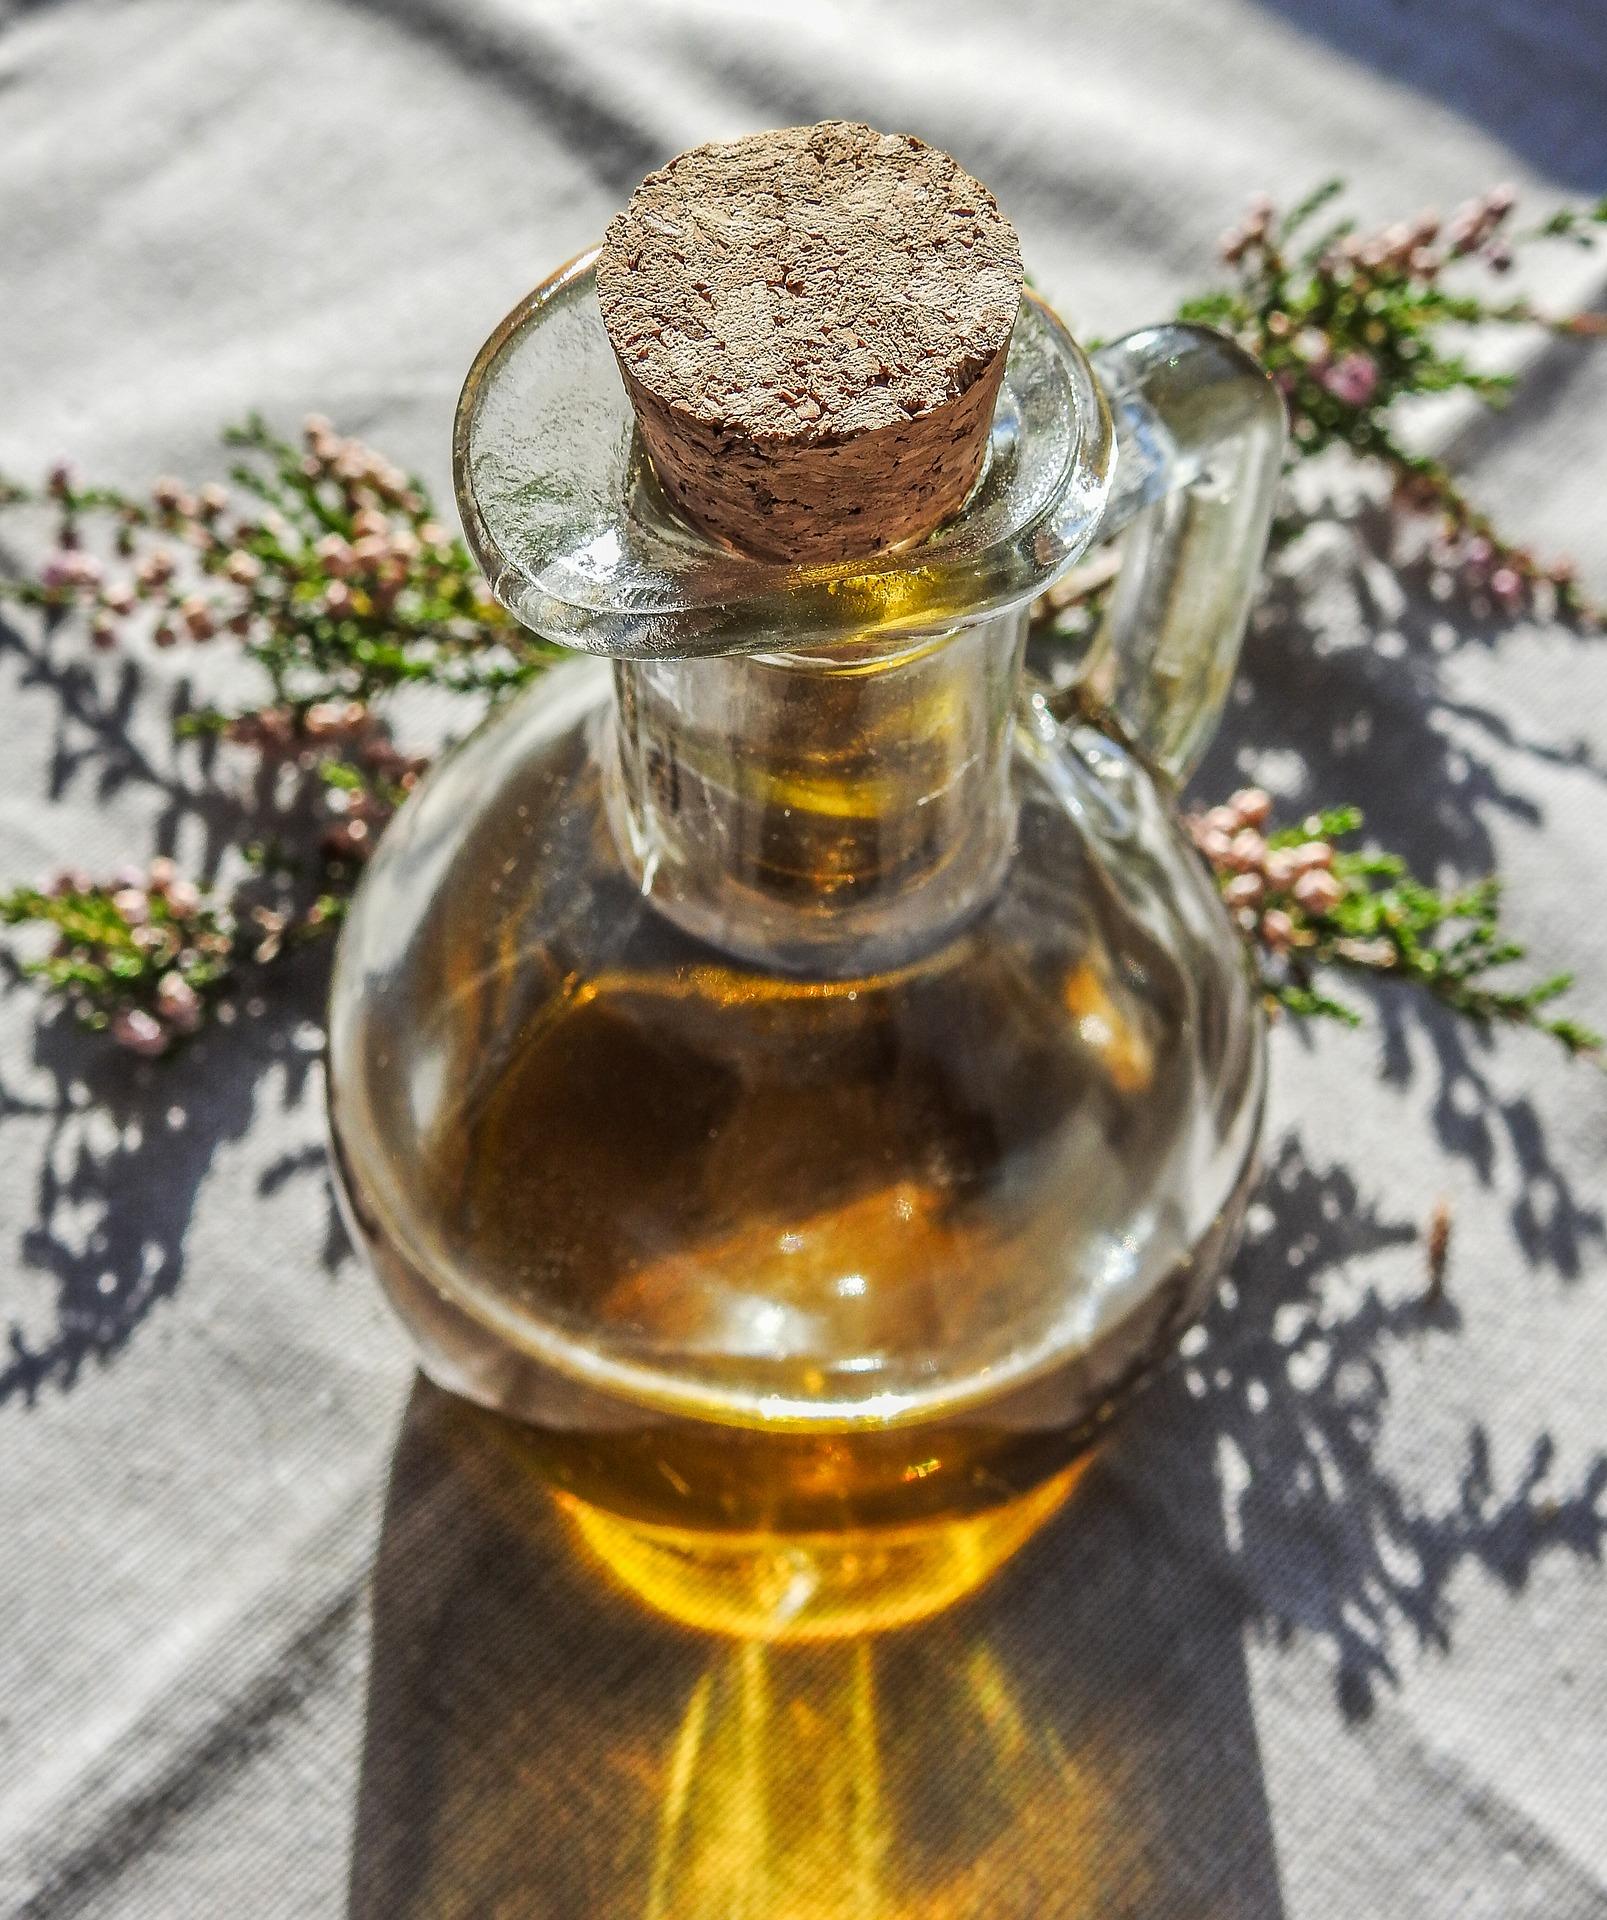 essential-oils-2766011_1920